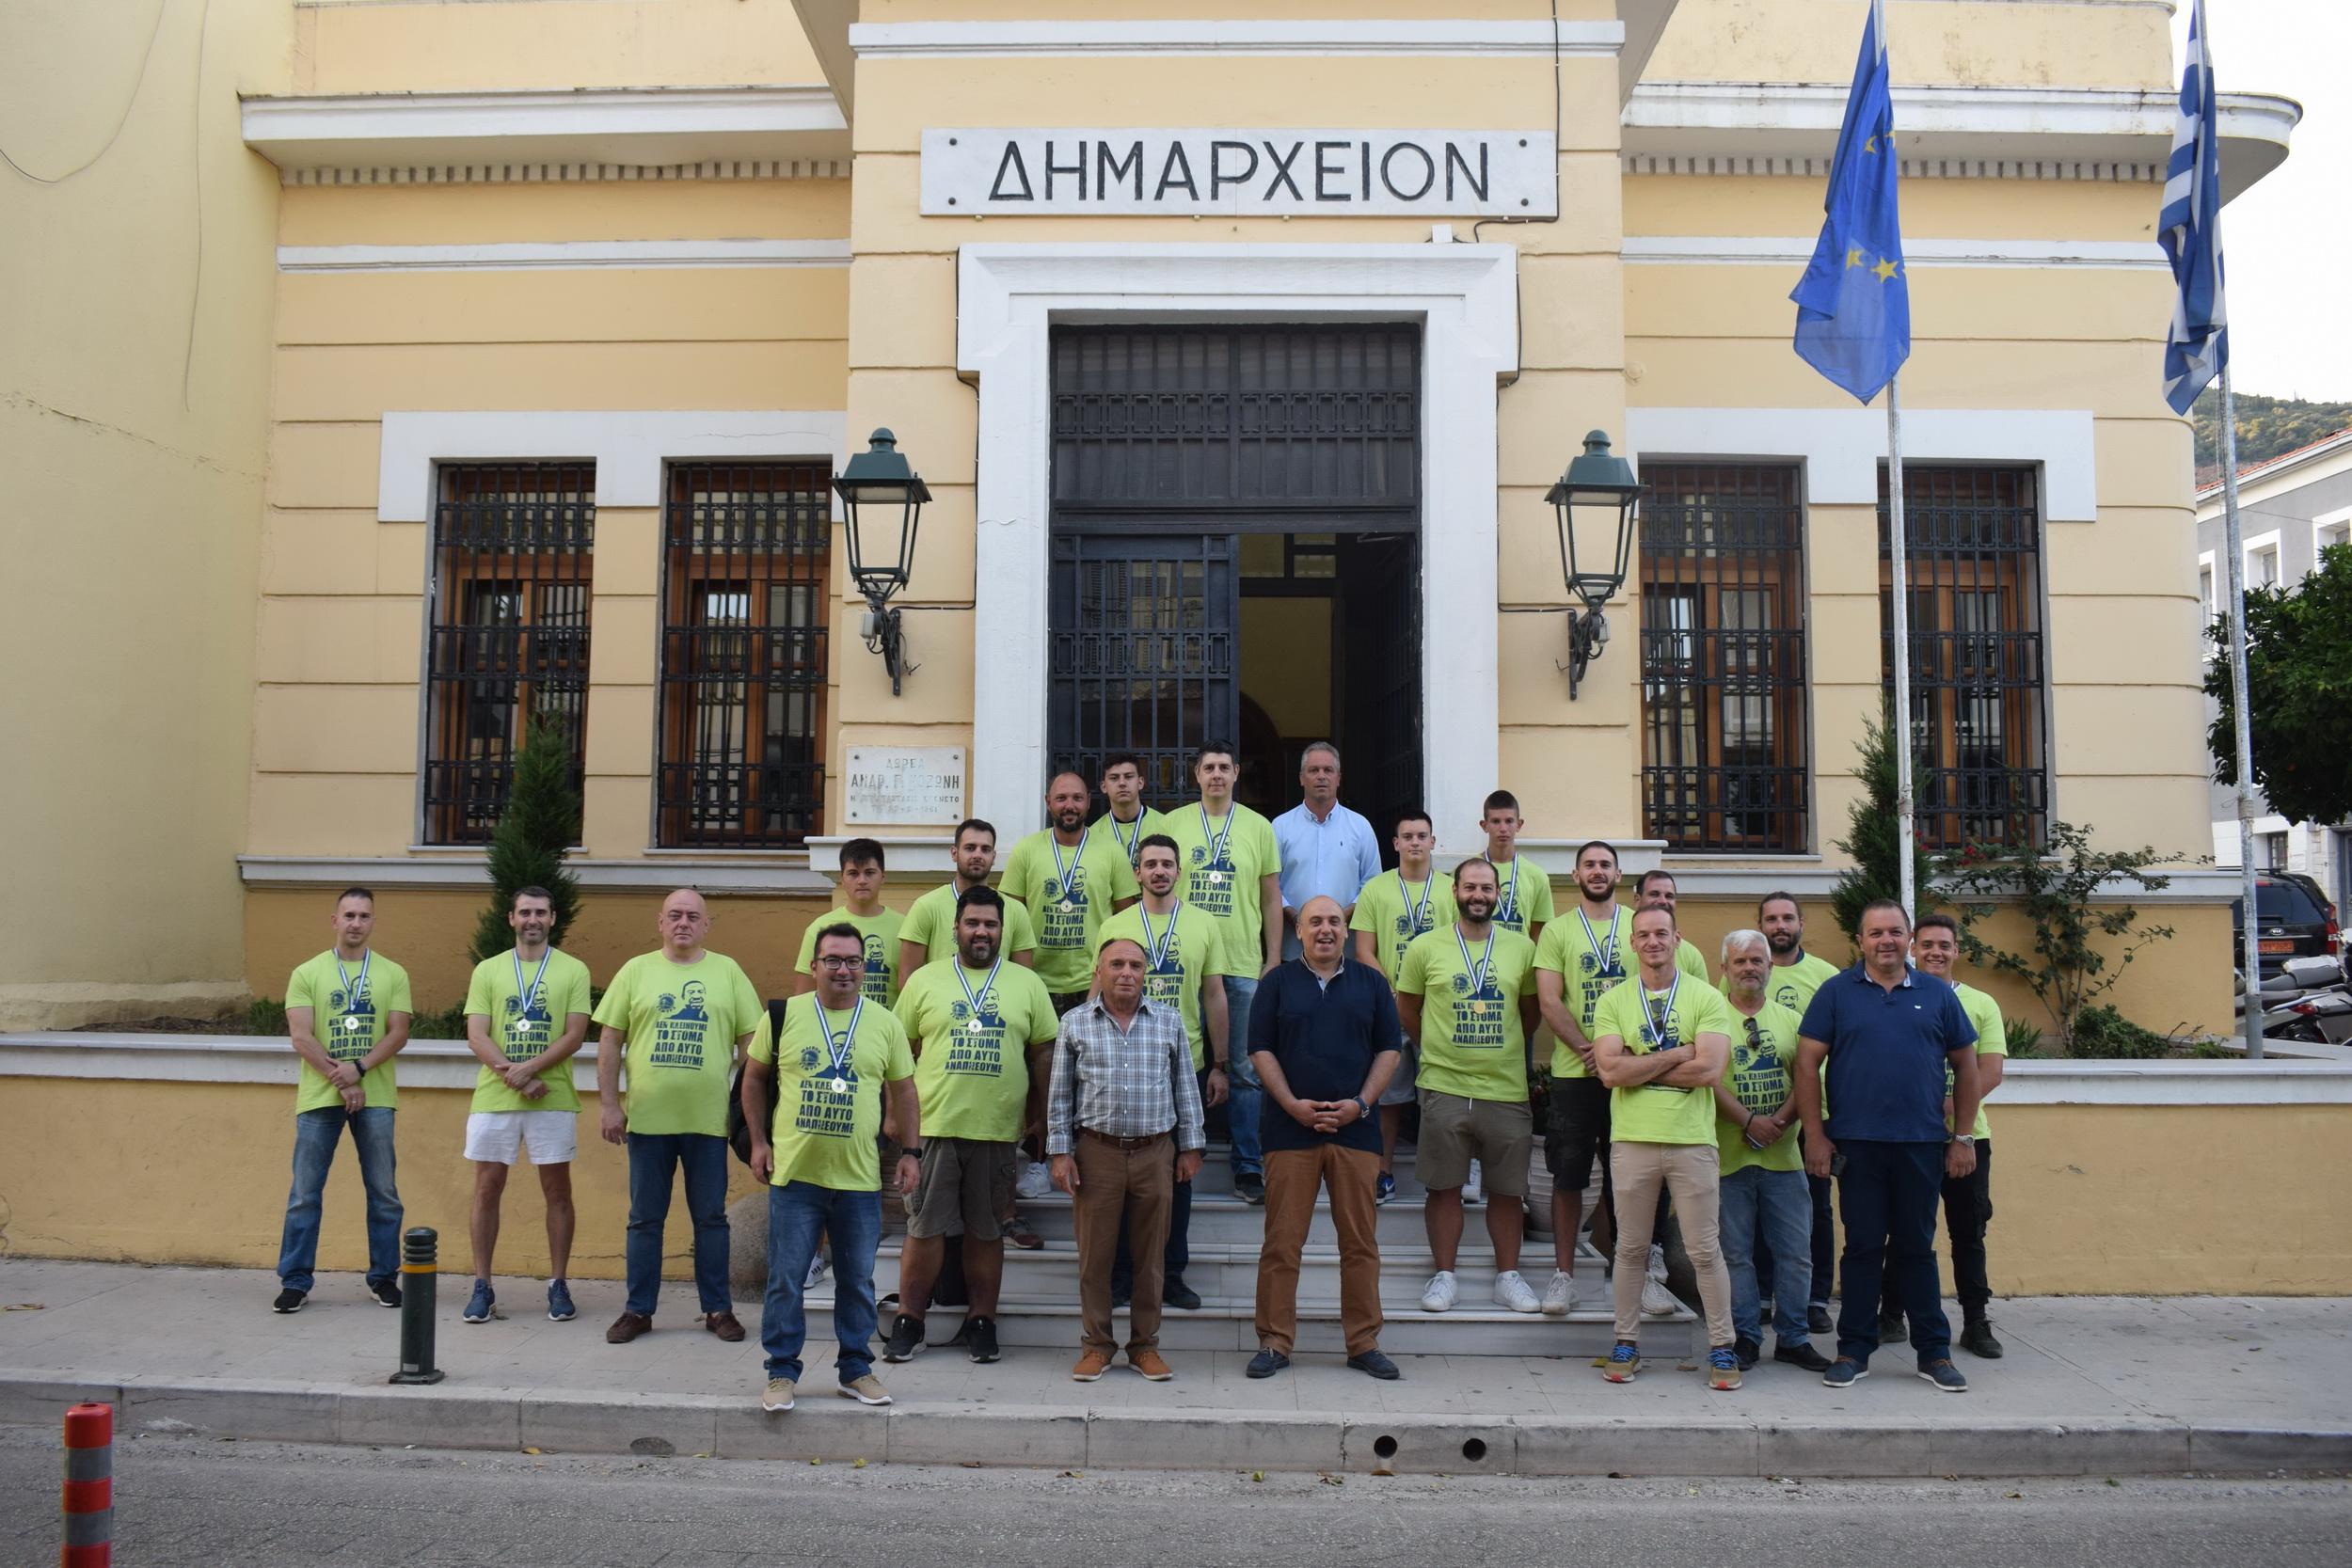 «ΦΑΕΘΩΝ – ΓΕΦΥΡΑ»: Άνοδος κατηγορίας, τιμή από τον Δήμο Ναυπακτίας και ισχυρό κοινωνικό στίγμα